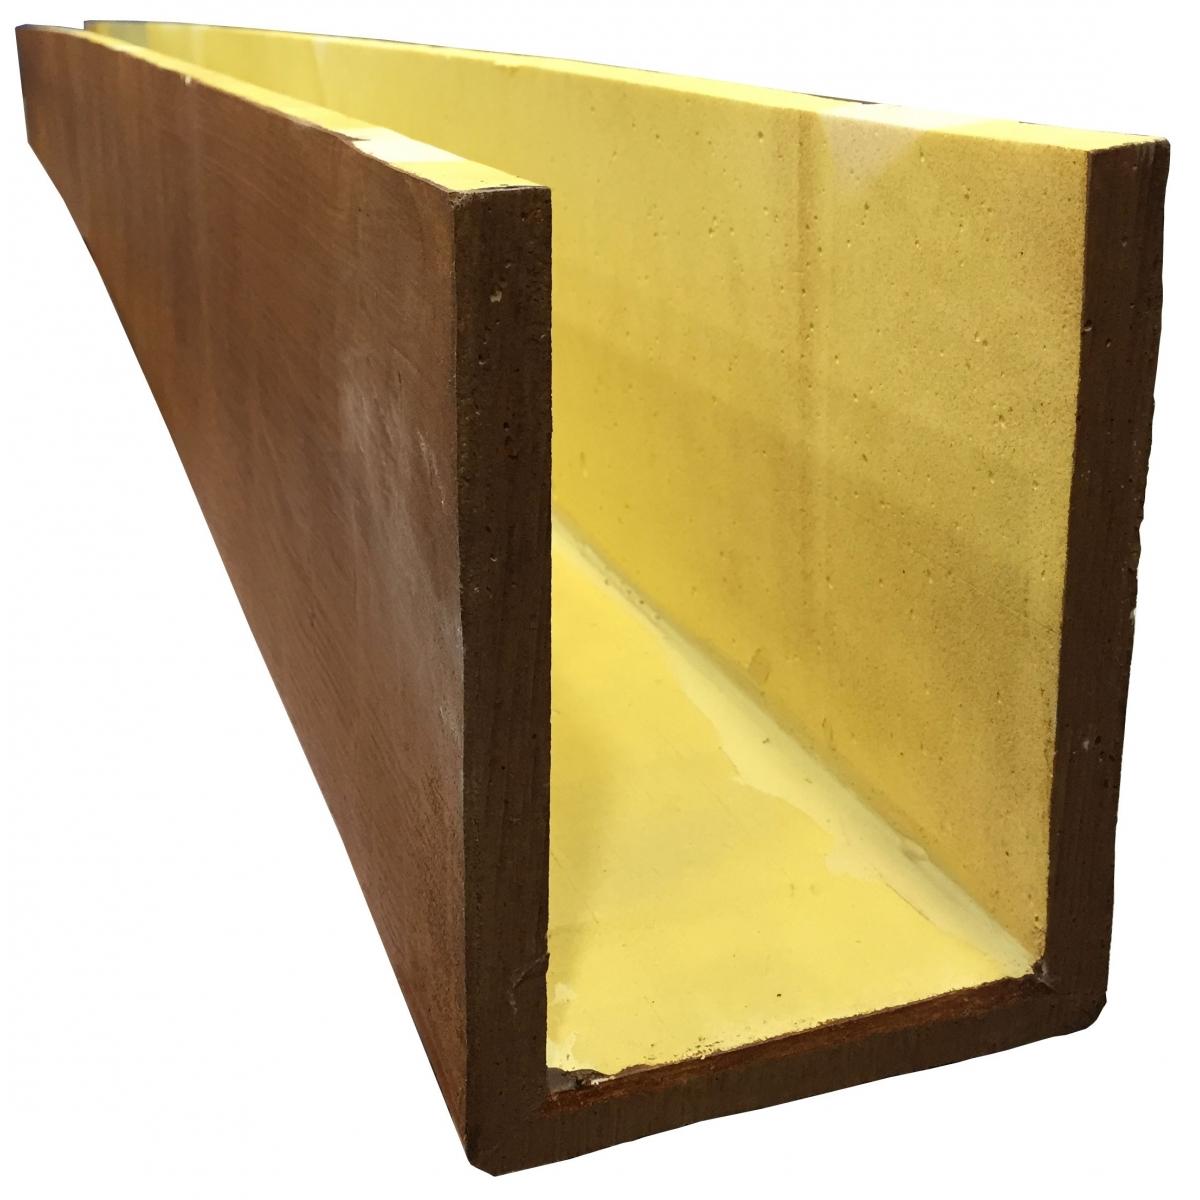 Viga imitación a madera 300x49x50